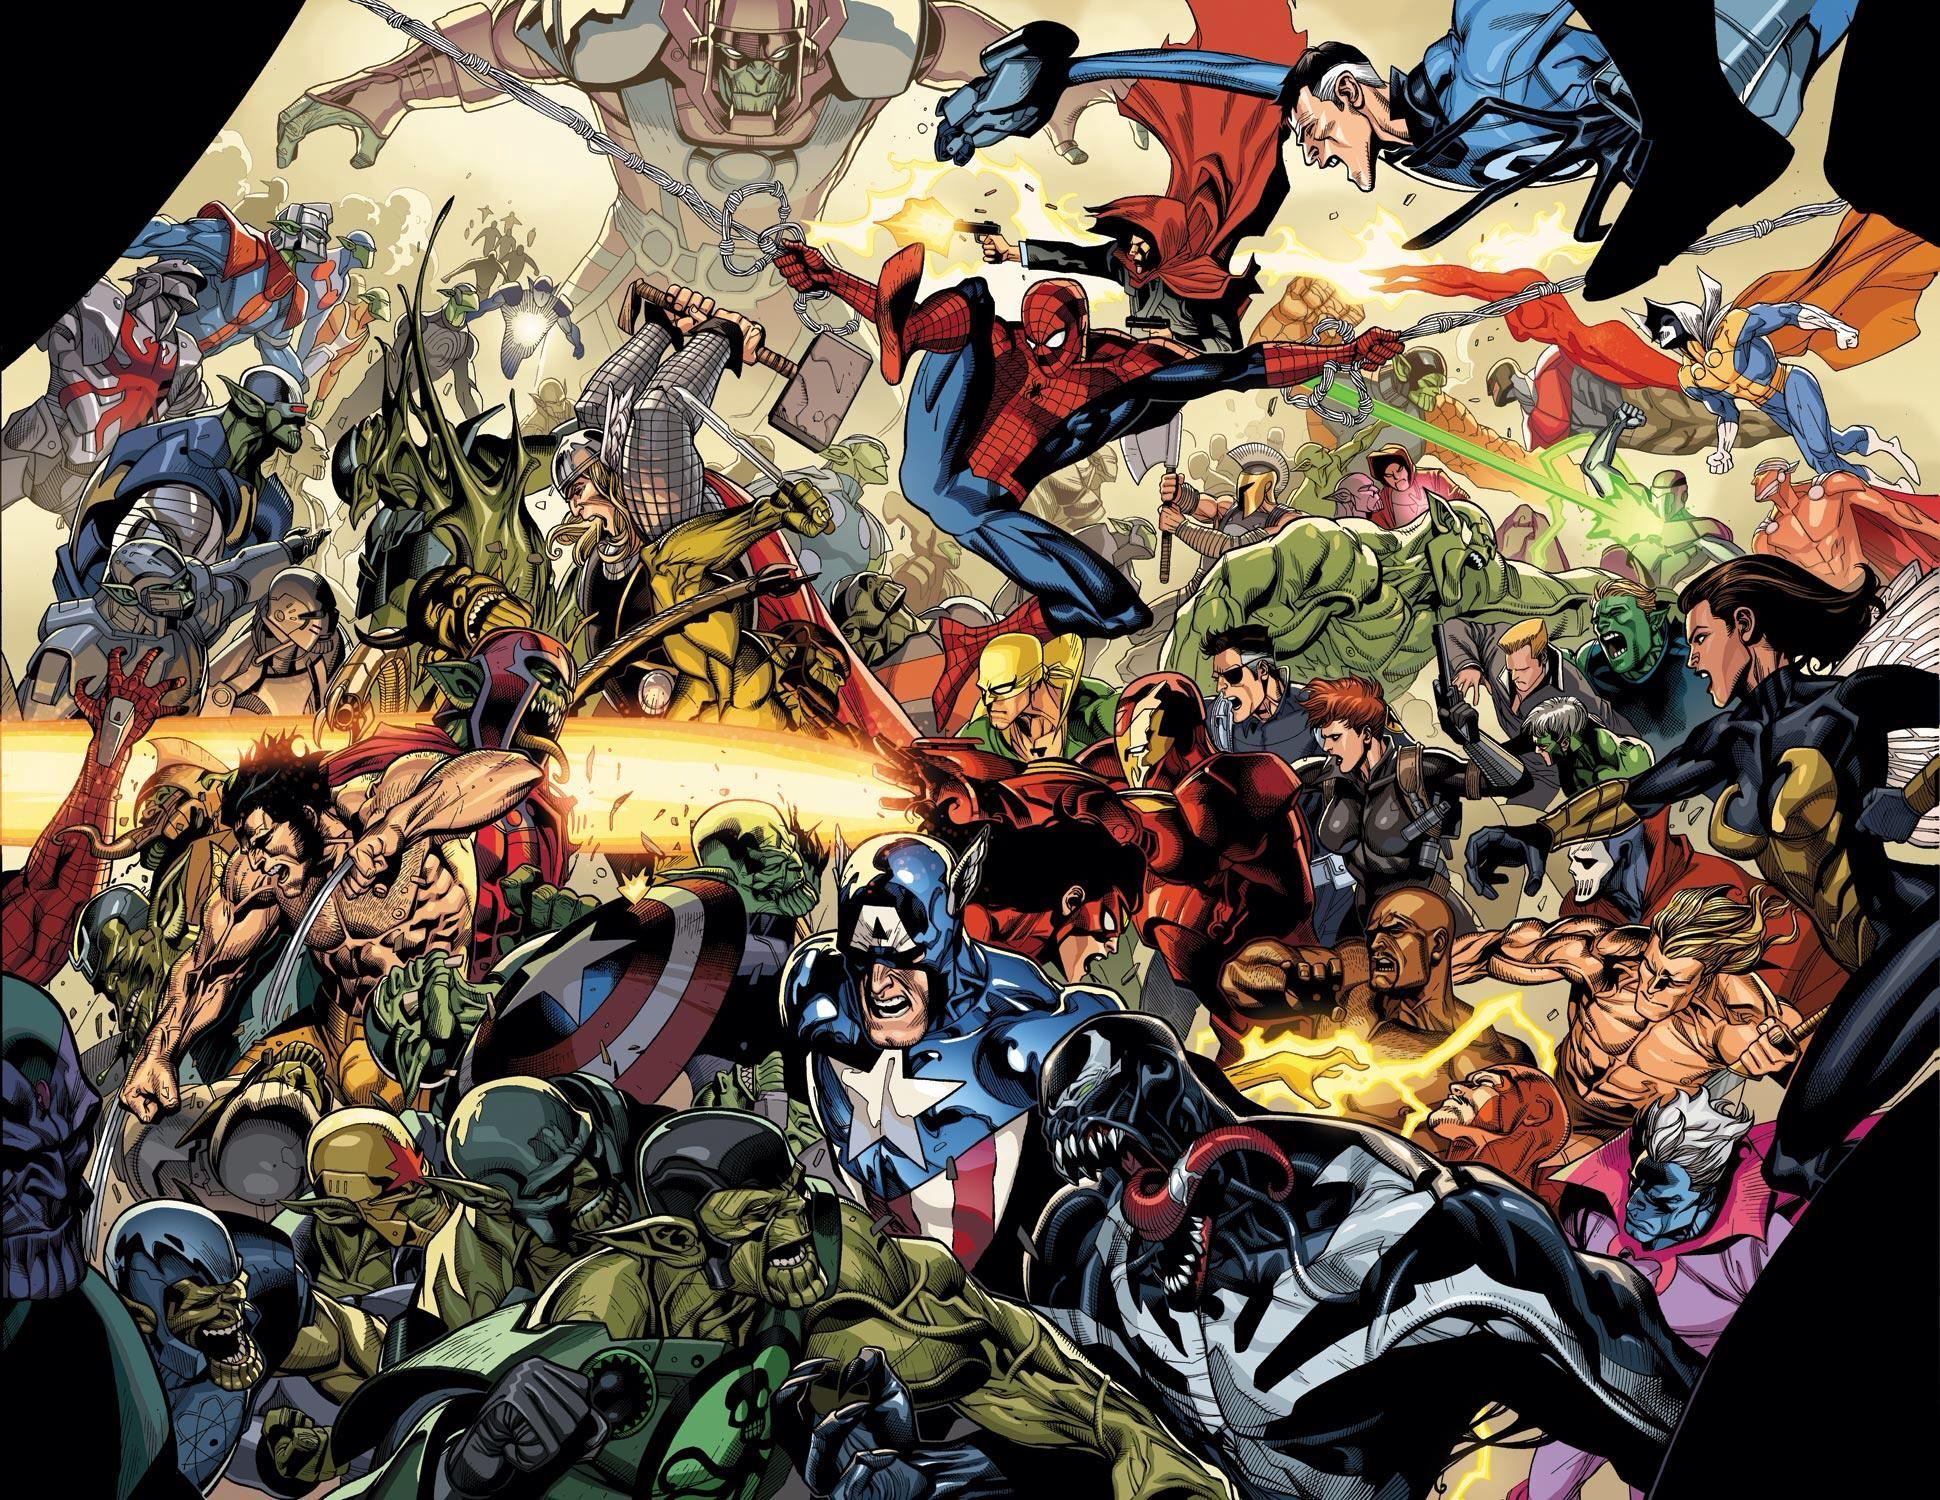 Fantastic Wallpaper Marvel Secret Wars - 464279a7d56bc57f4907d9f0b3d70a23  Image_889743.jpg